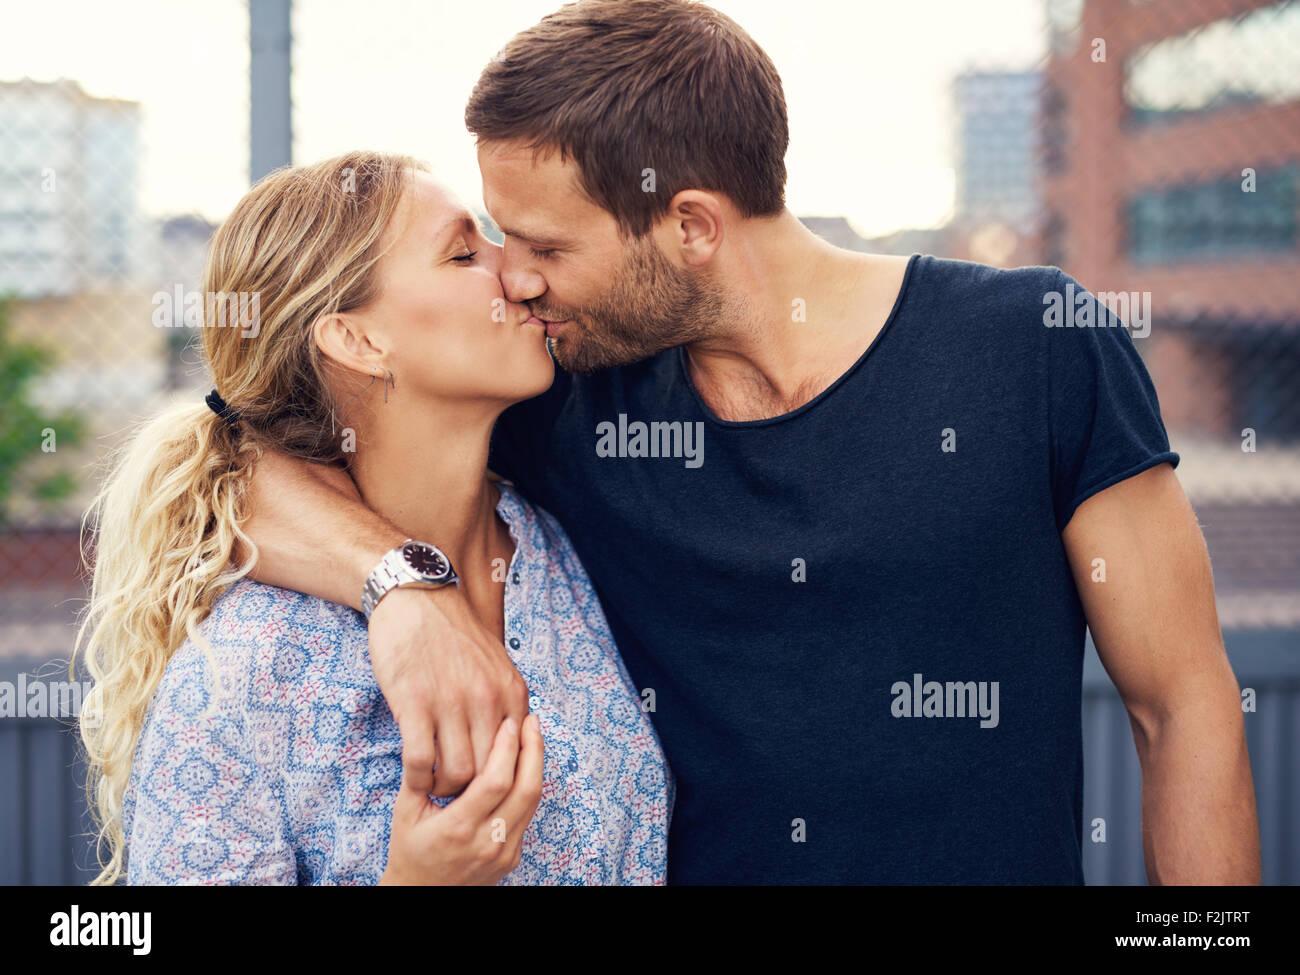 Attraente amorosa coppia giovane godetevi una romantica bacio come stanno a braccetto all aperto in una strada urbana Immagini Stock